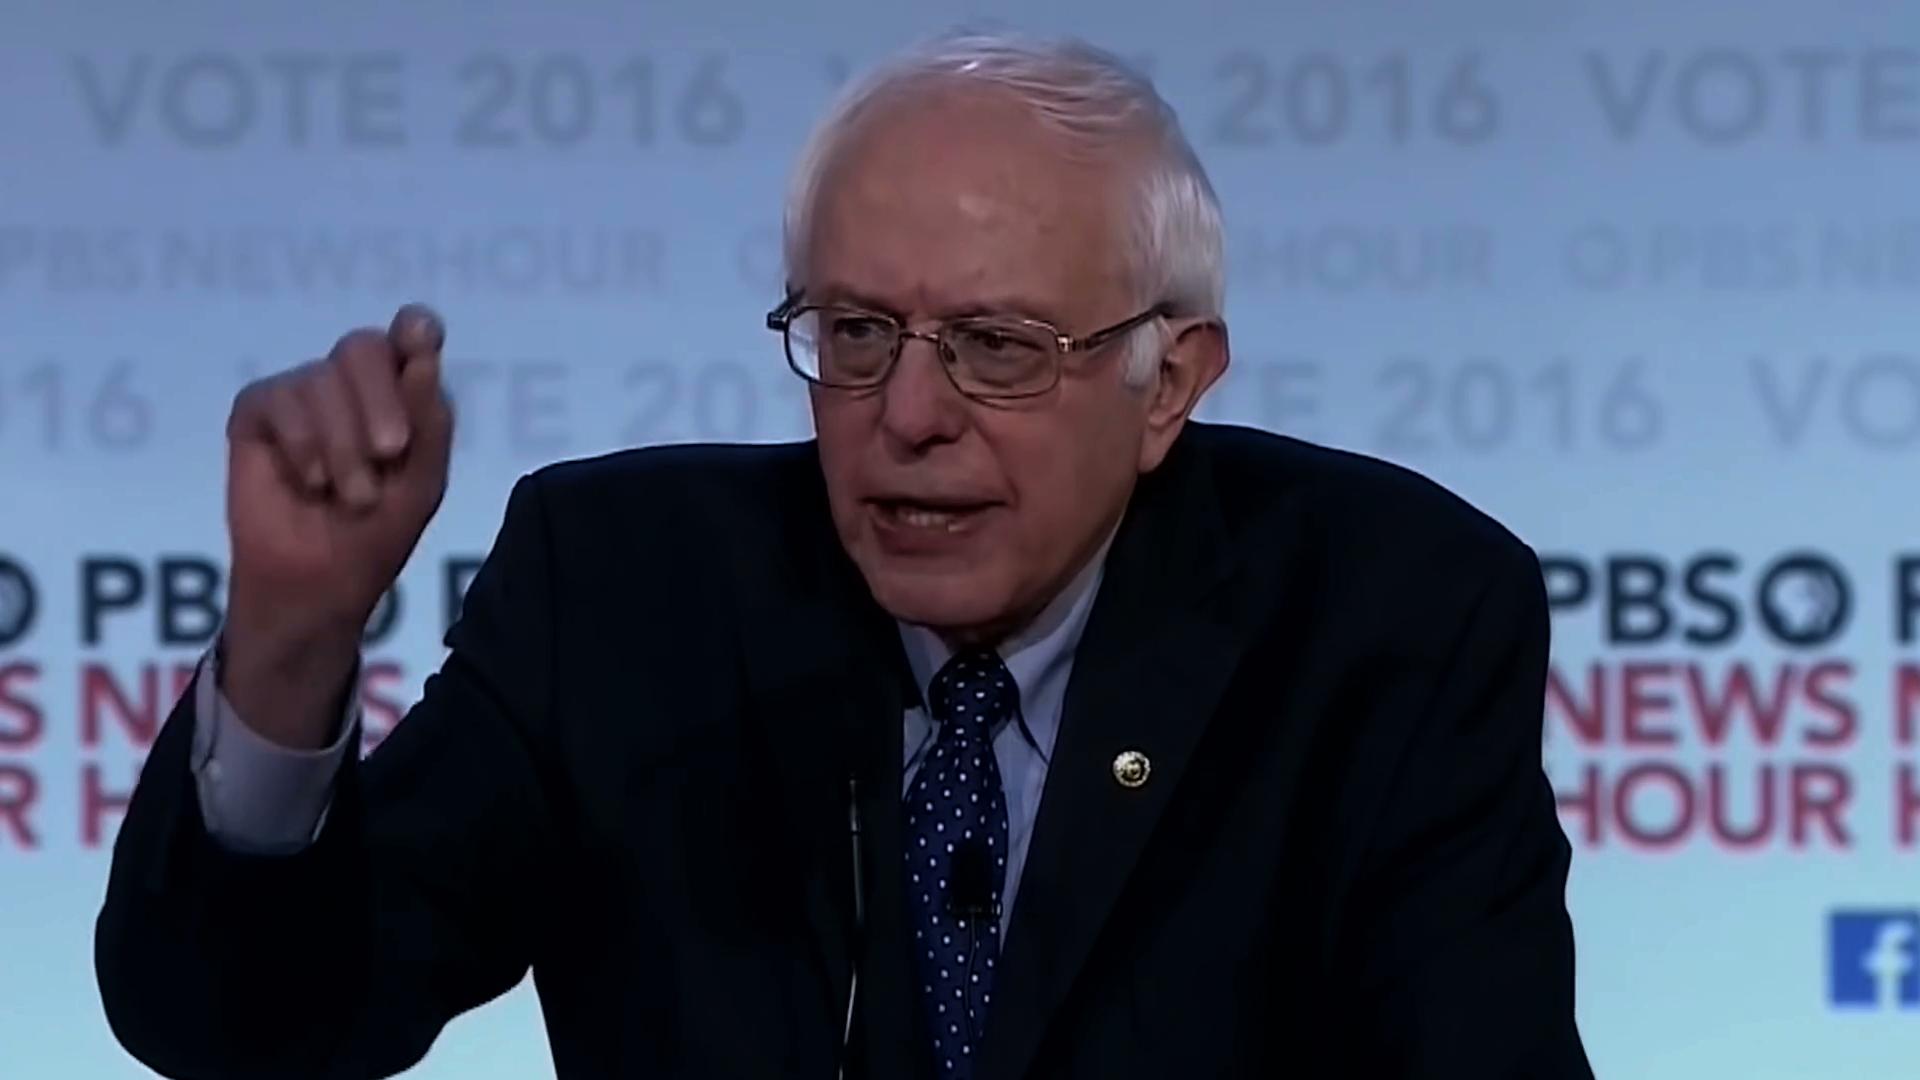 Bernie Sanders | Sixth Democratic Debate